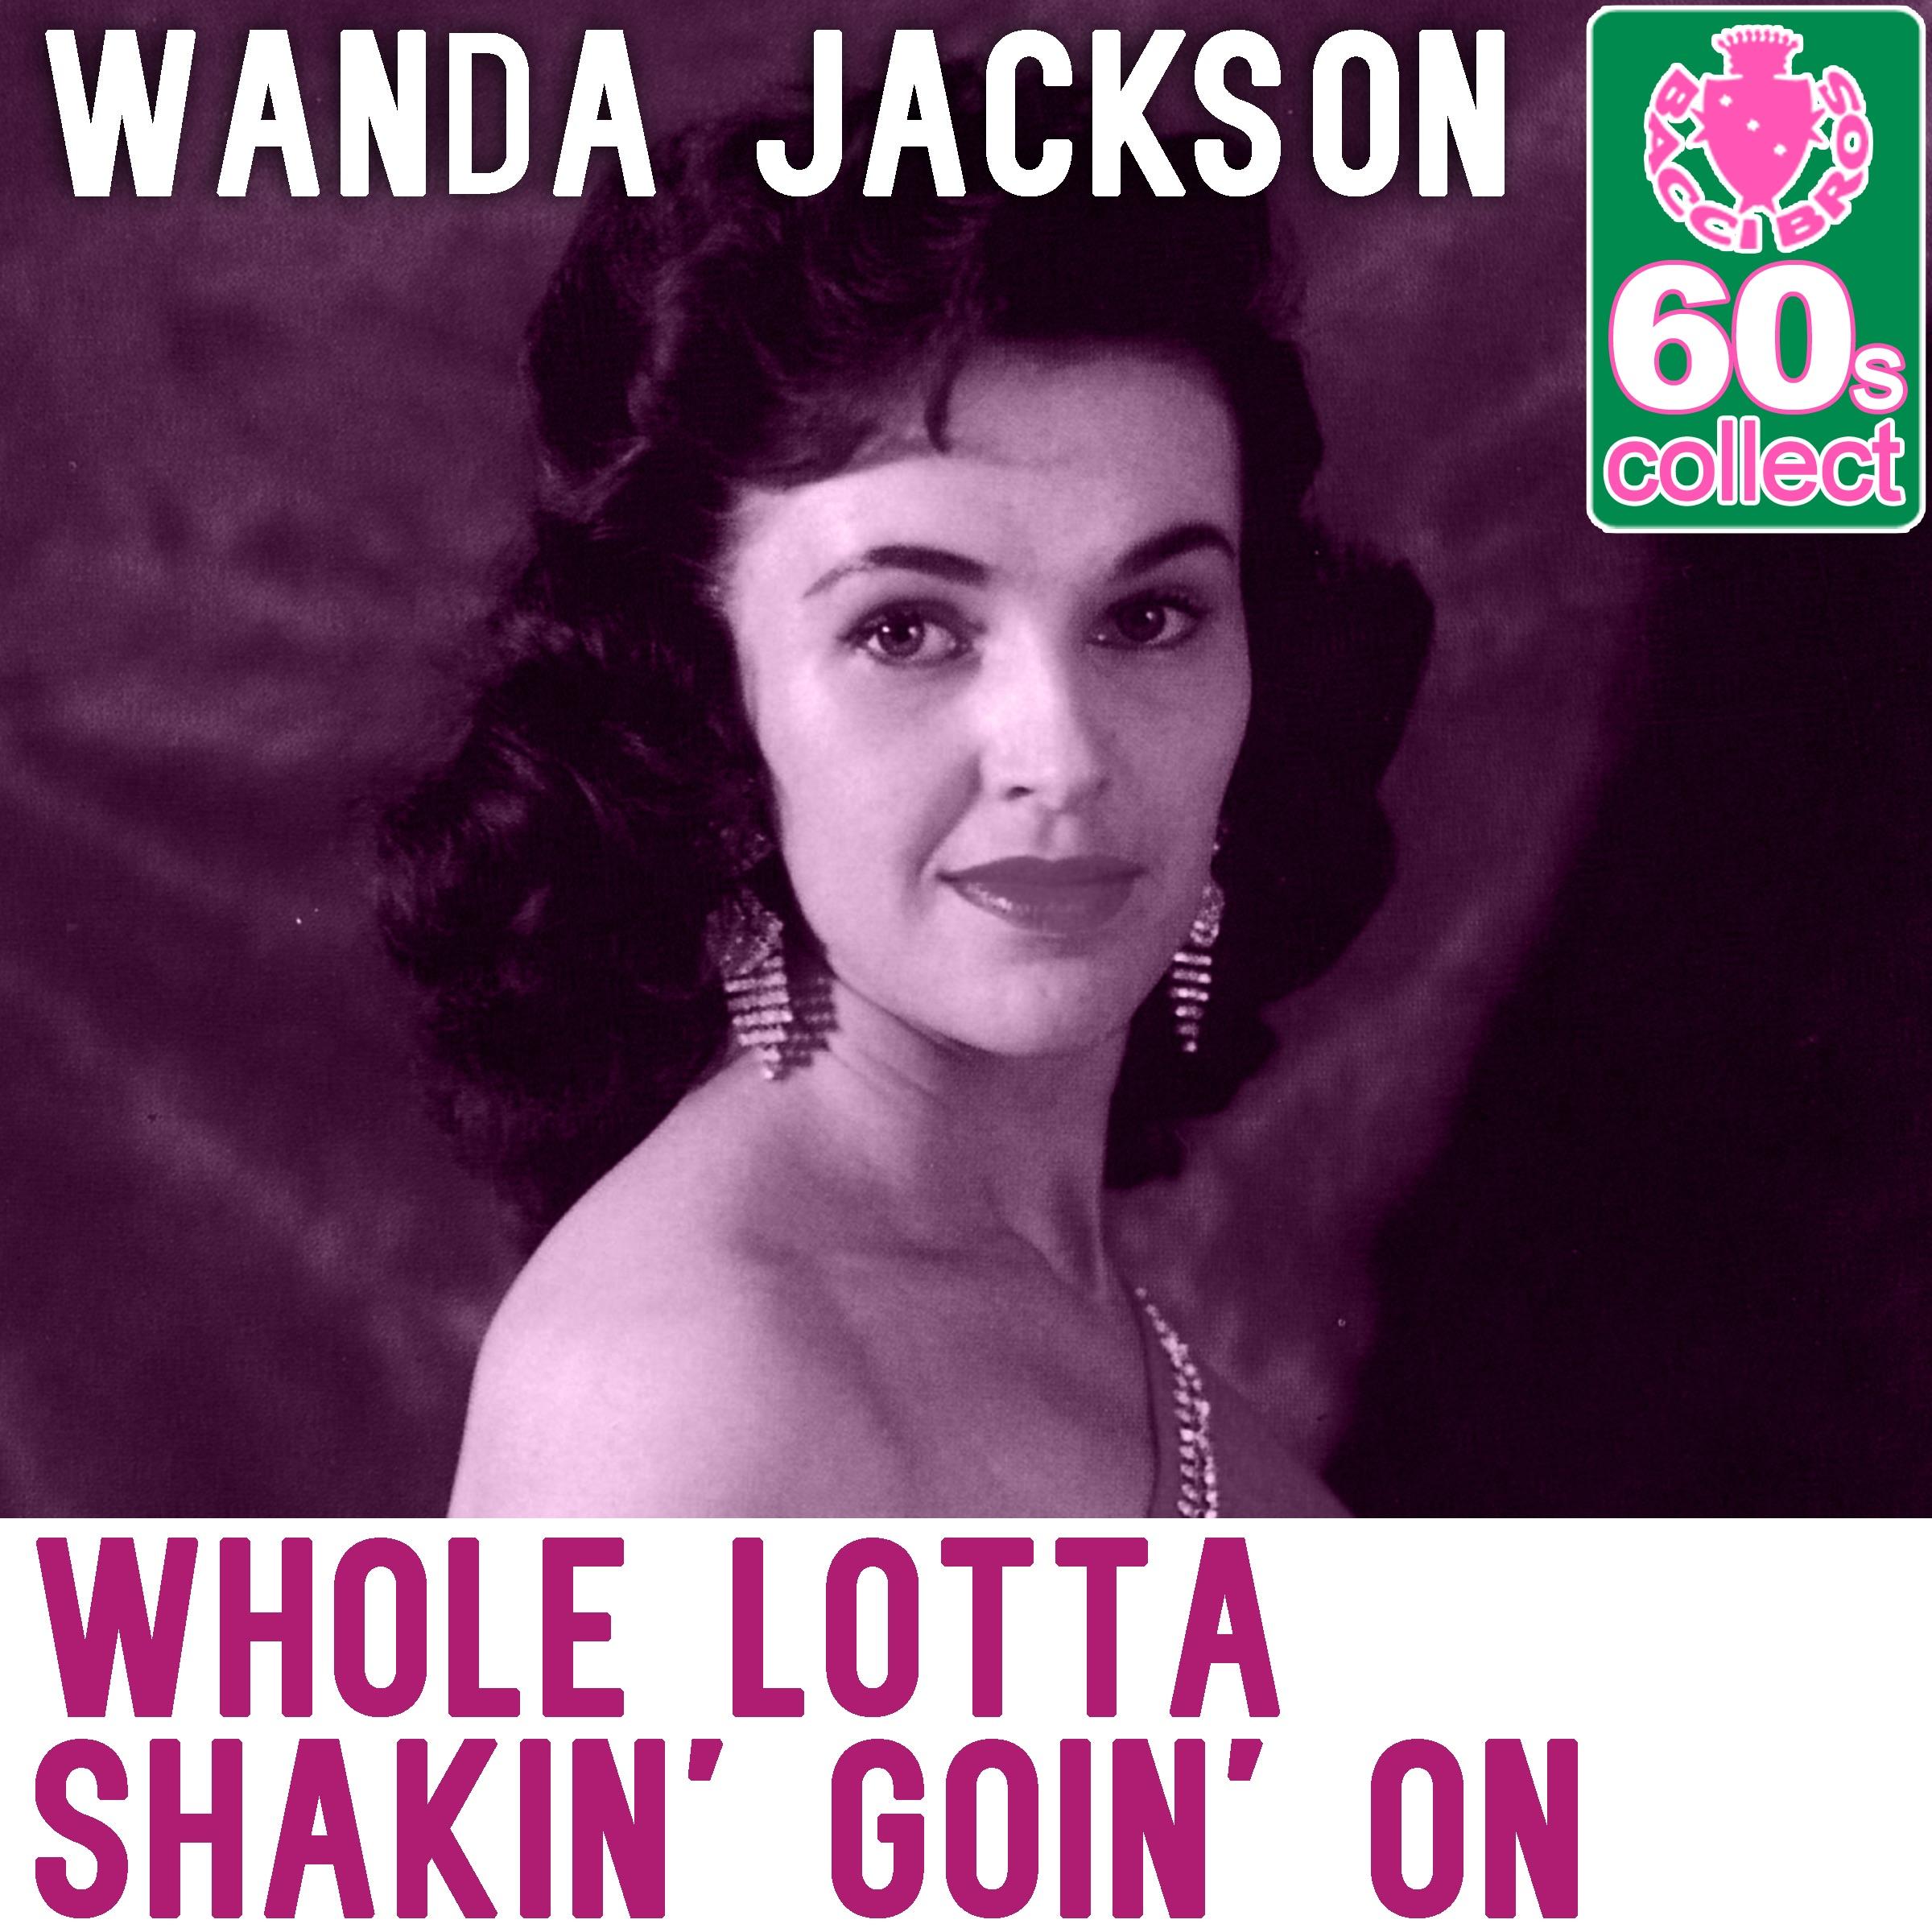 Whole Lotta Shakin' Goin' On (Remastered) - Single